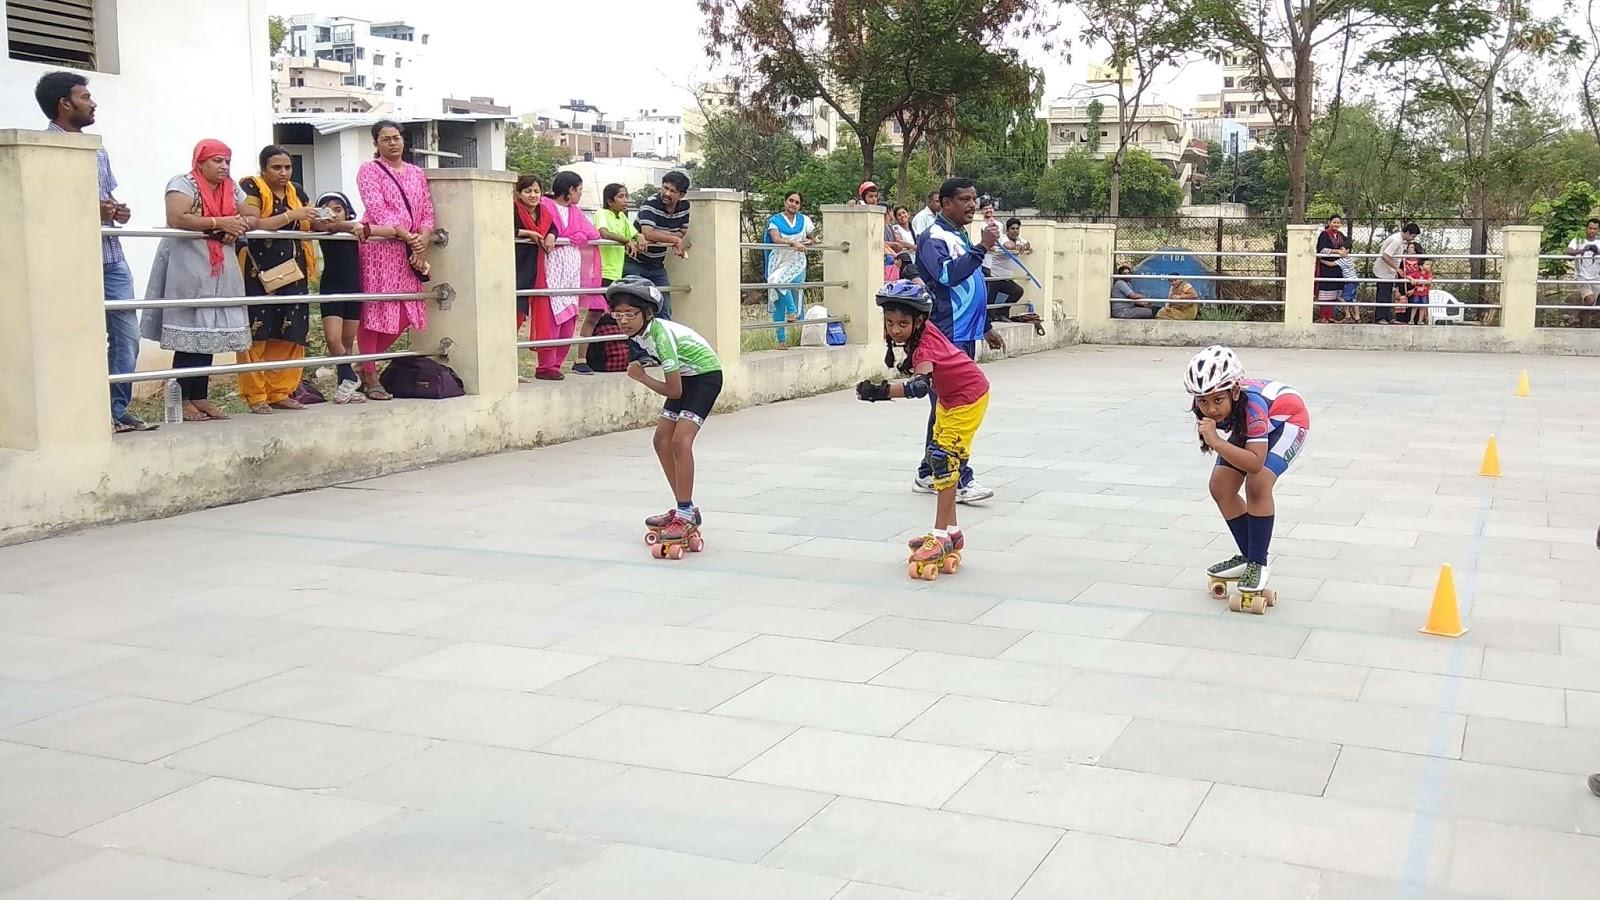 Roller shoes in hyderabad - Roller Skating